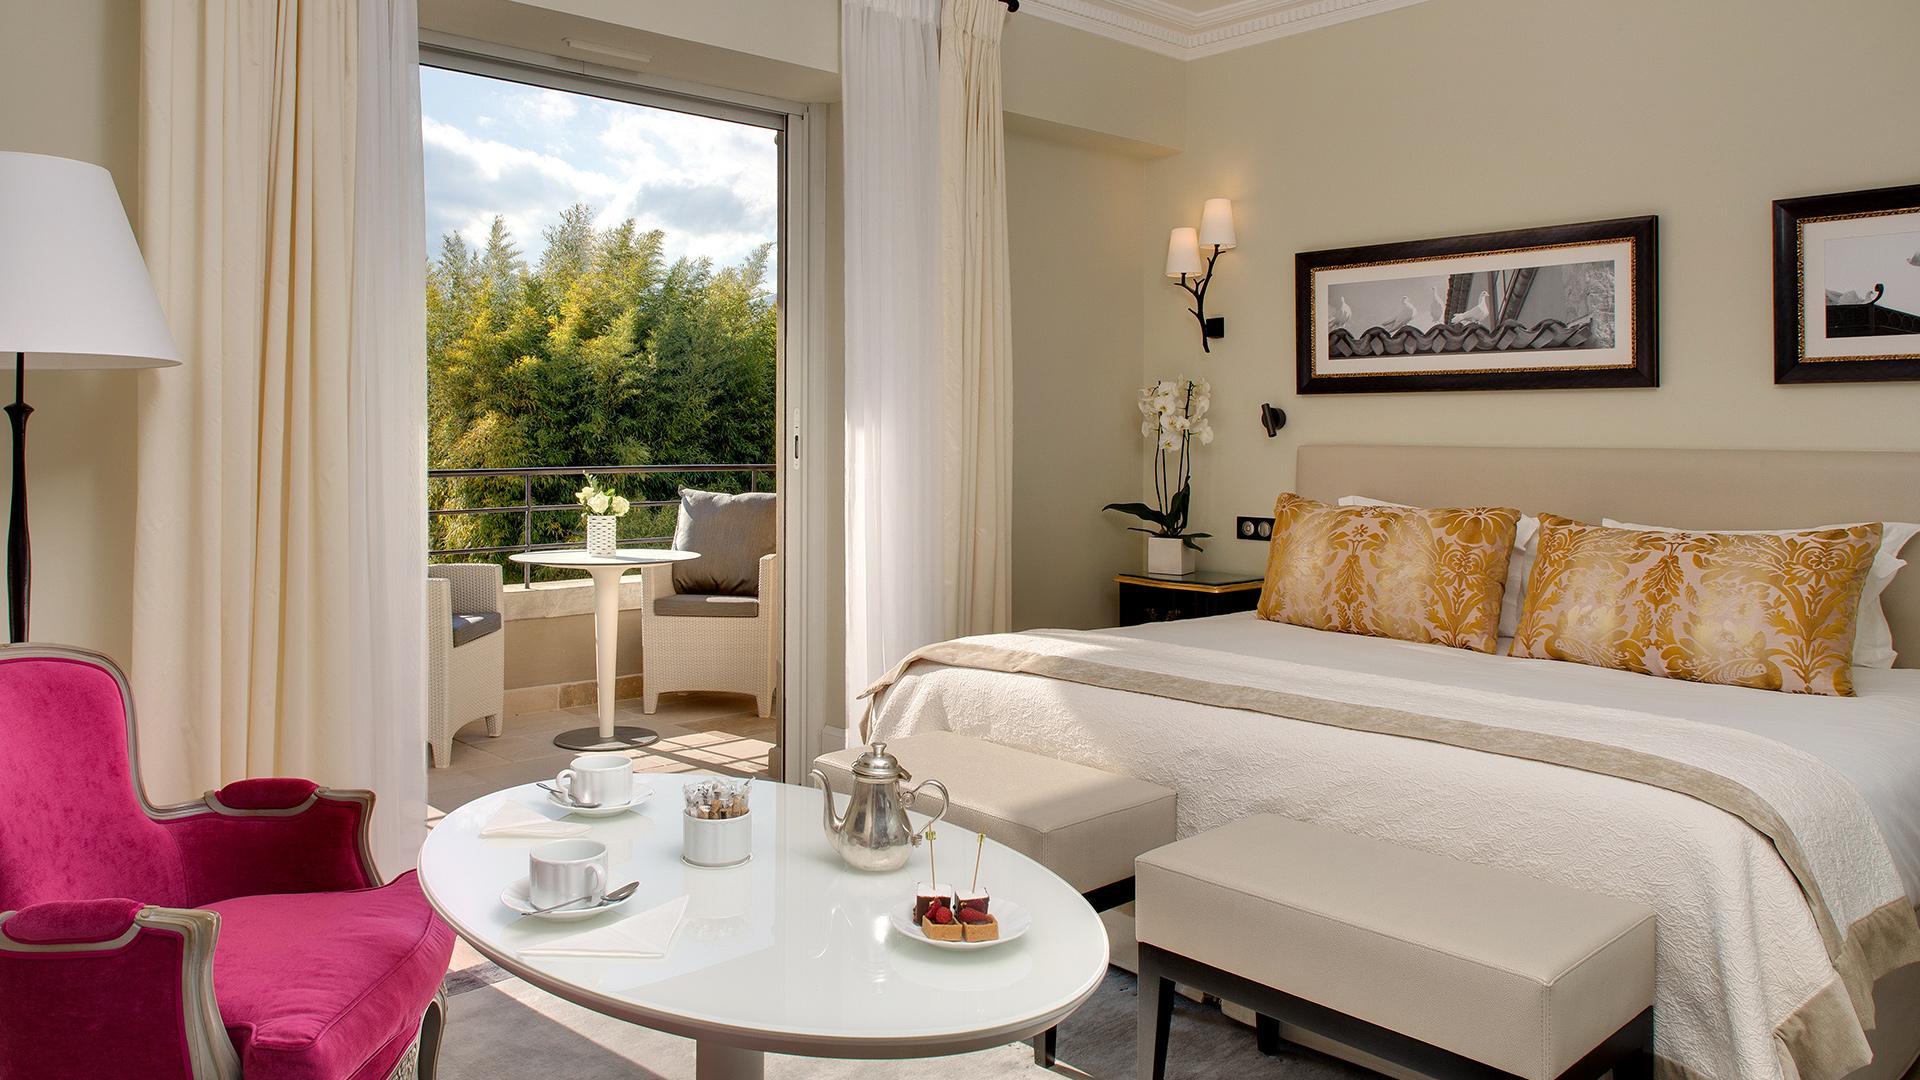 Deluxe Room image 1 at Le Domaine du Mas de Pierre by Alpes-Maritimes, Provence-Alpes-Côte d'Azur, France